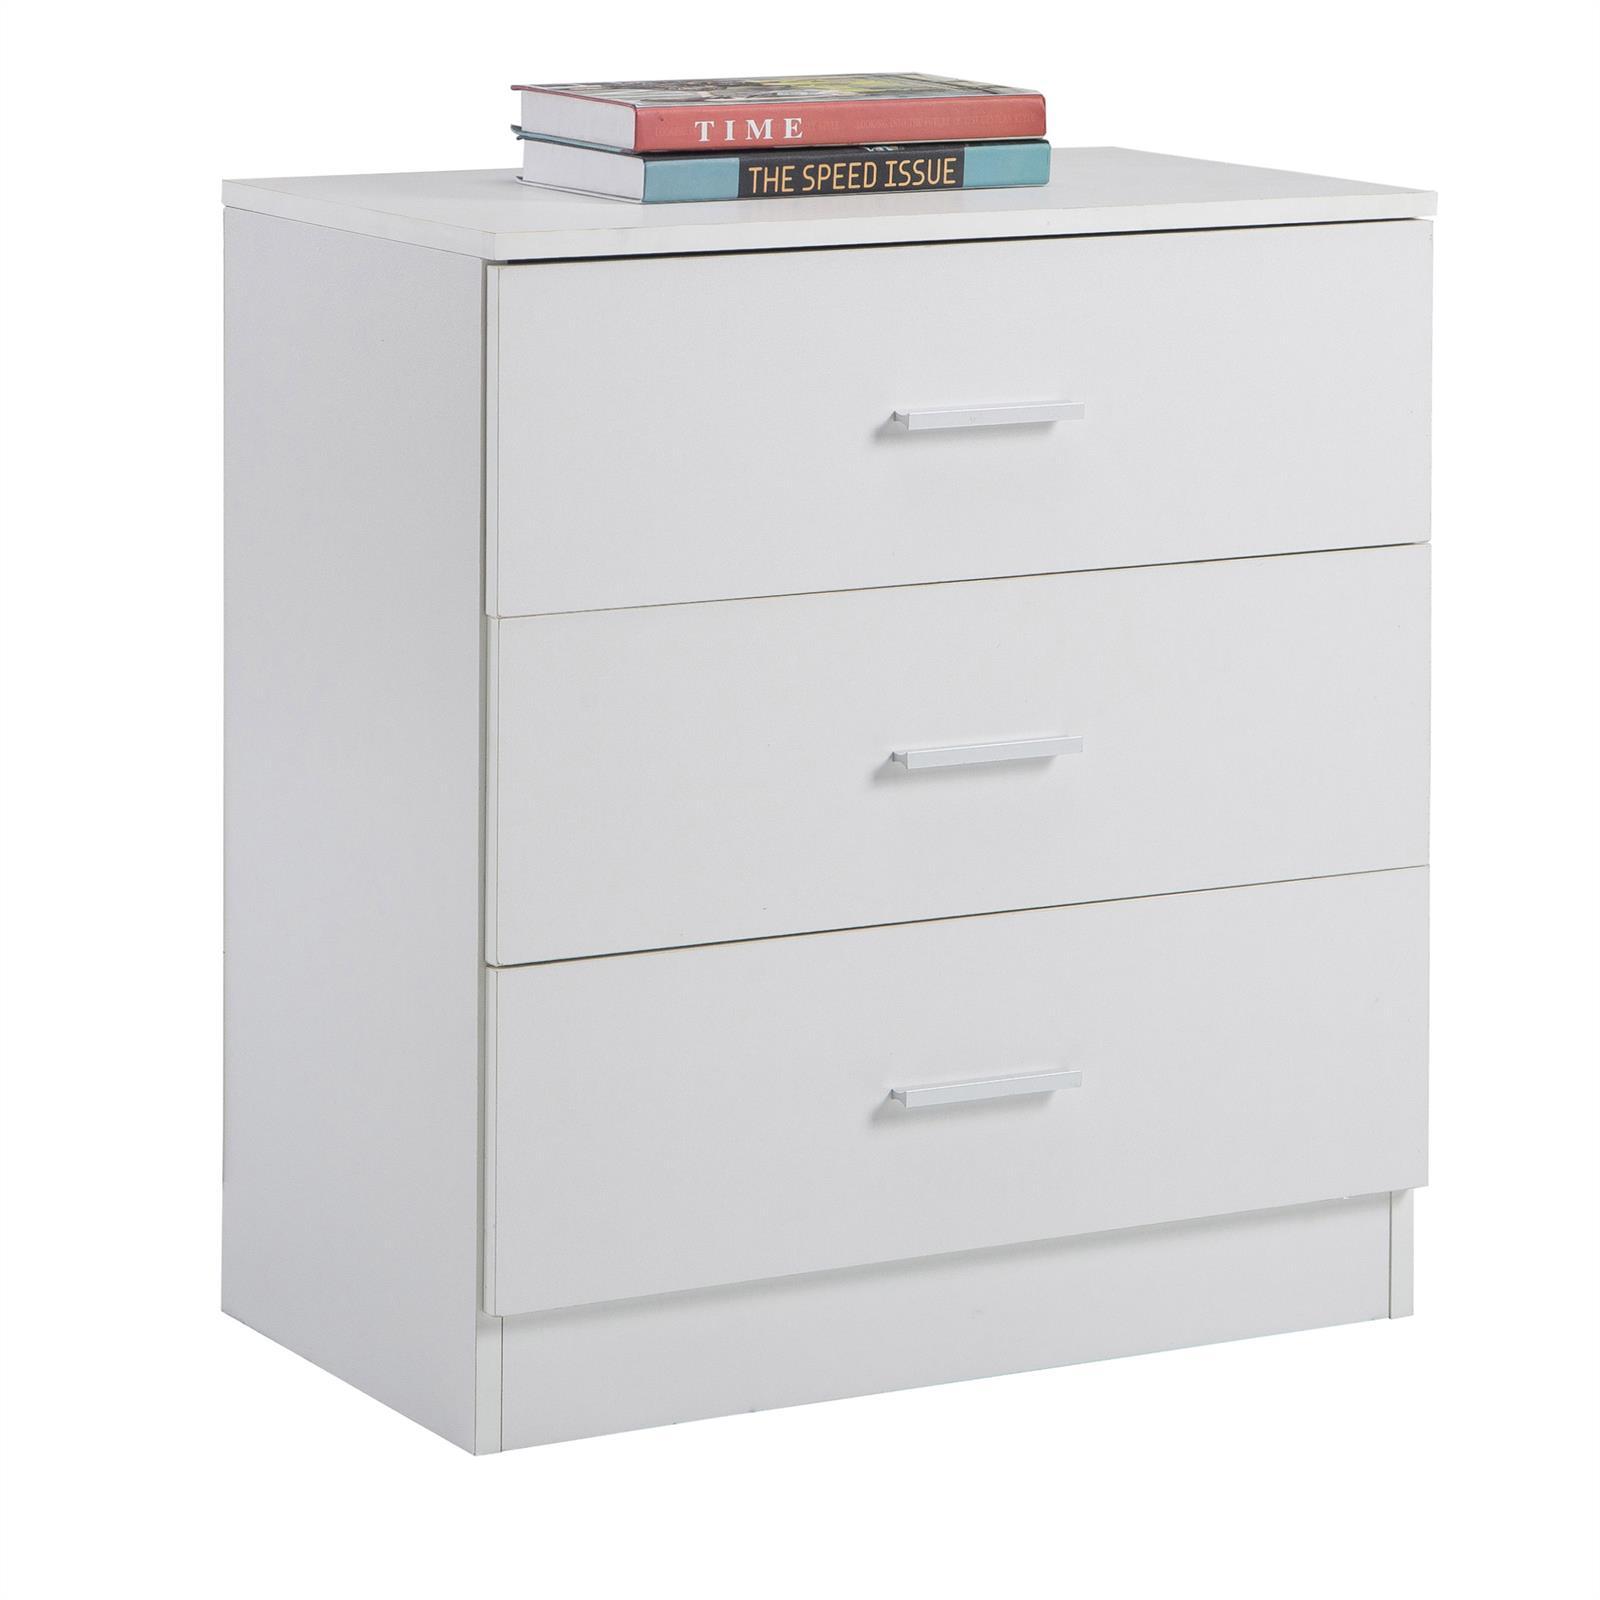 kommode mehrzweck schrank nacht boxspringbett mit 3 schubladen 60cm breit ebay. Black Bedroom Furniture Sets. Home Design Ideas